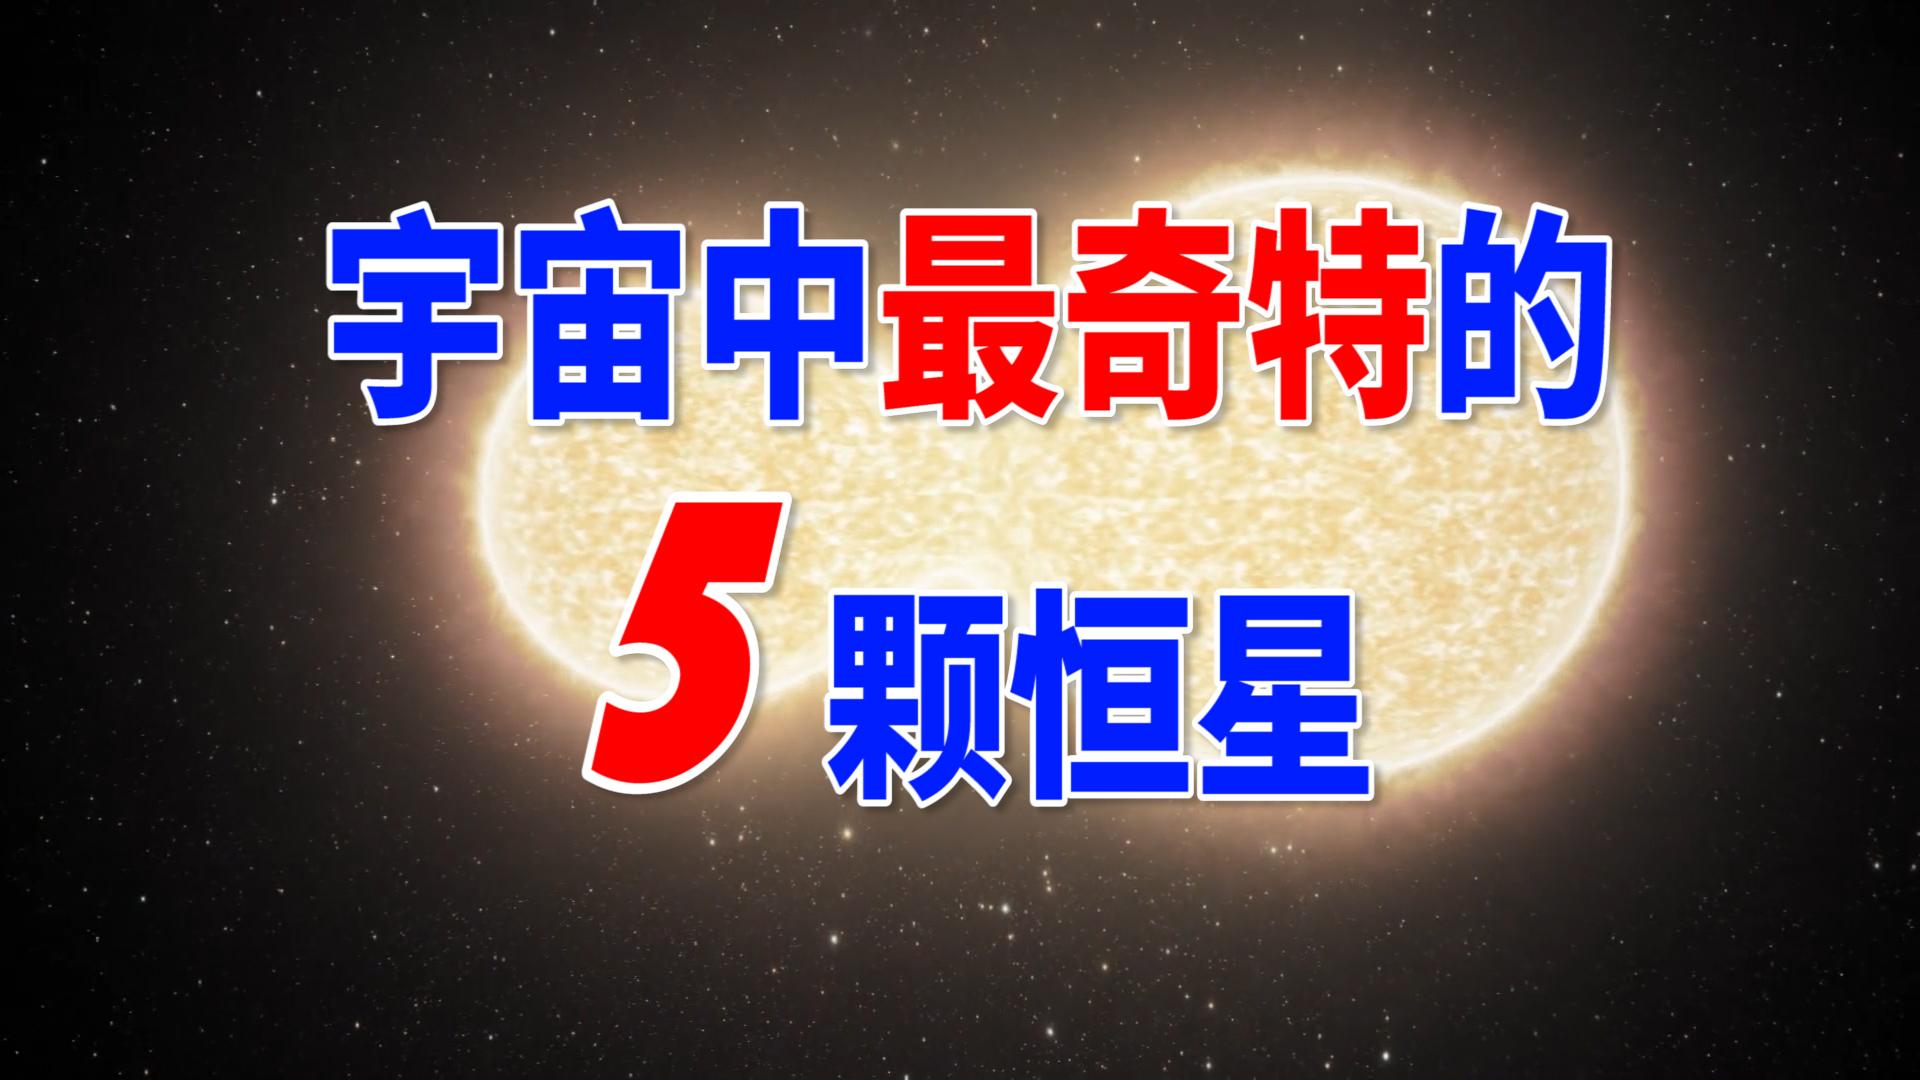 宇宙中最奇特的5颗恒星